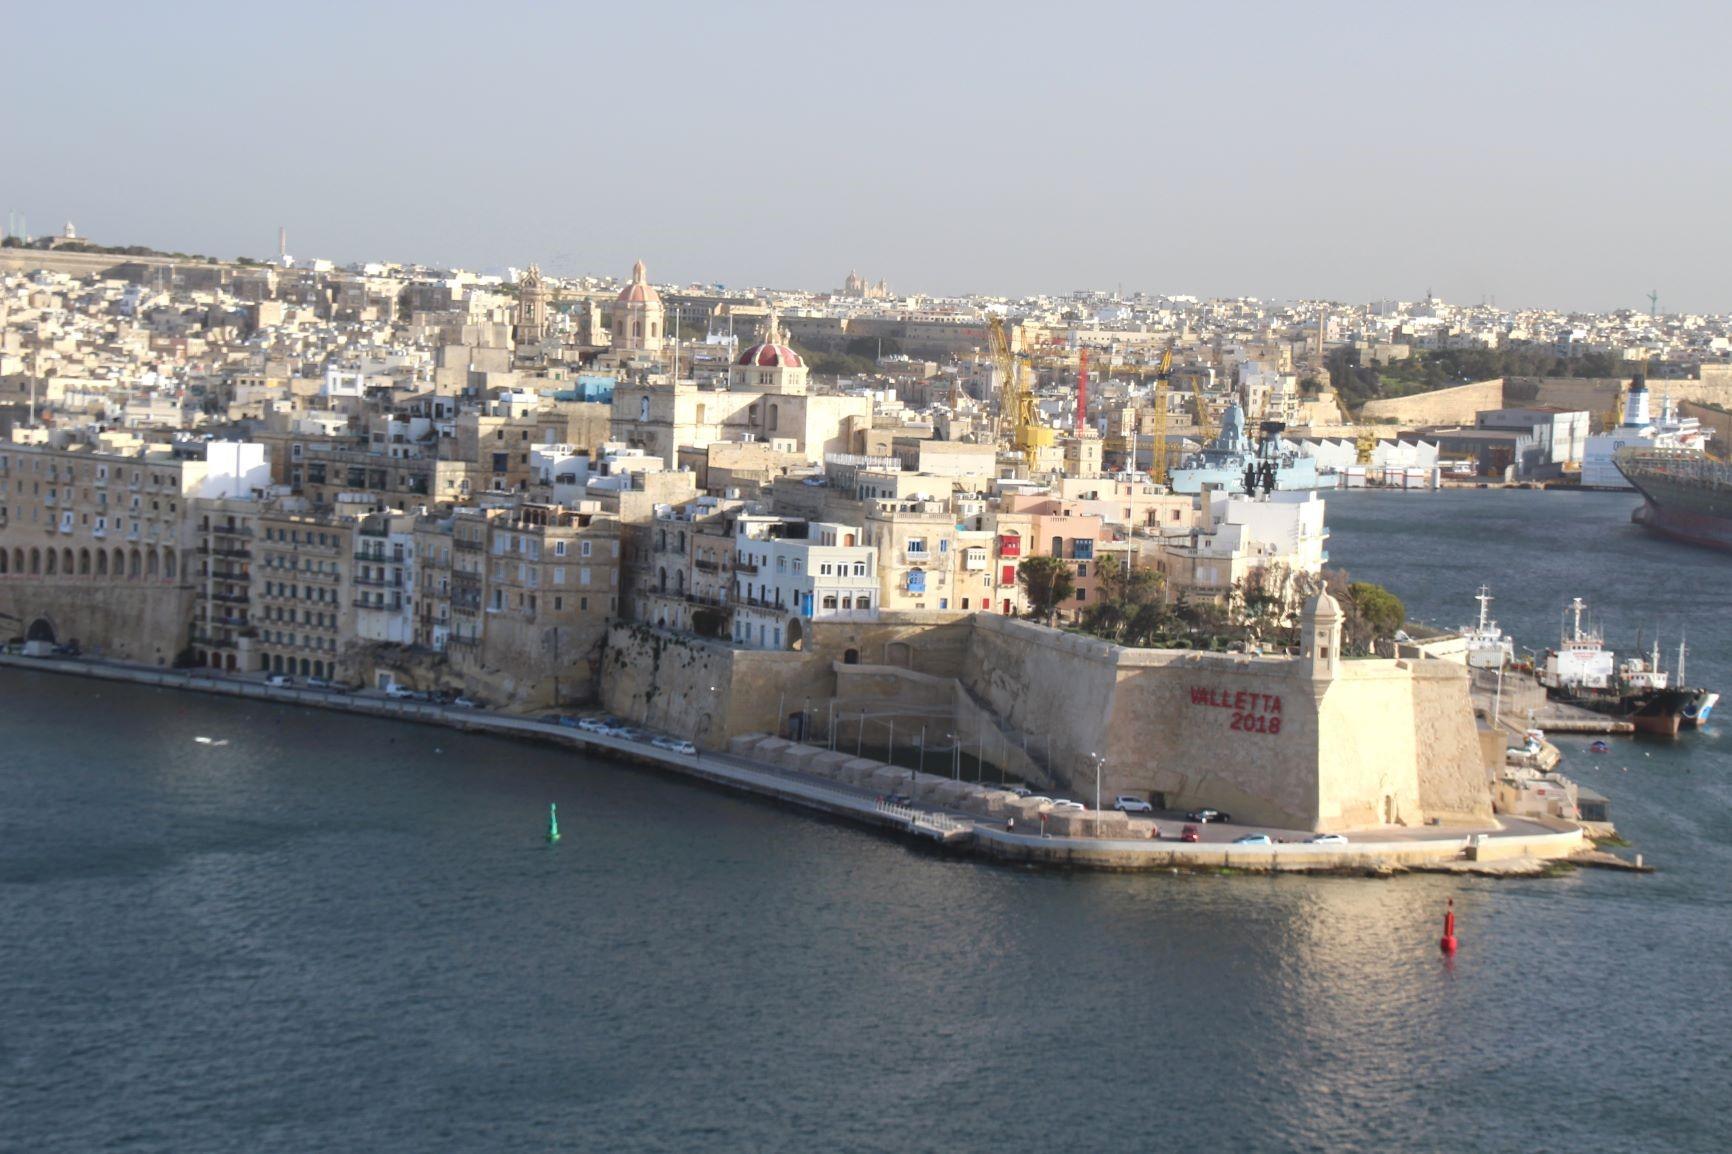 街全体が世界遺産に登録されている城塞都市ヴァレッタ